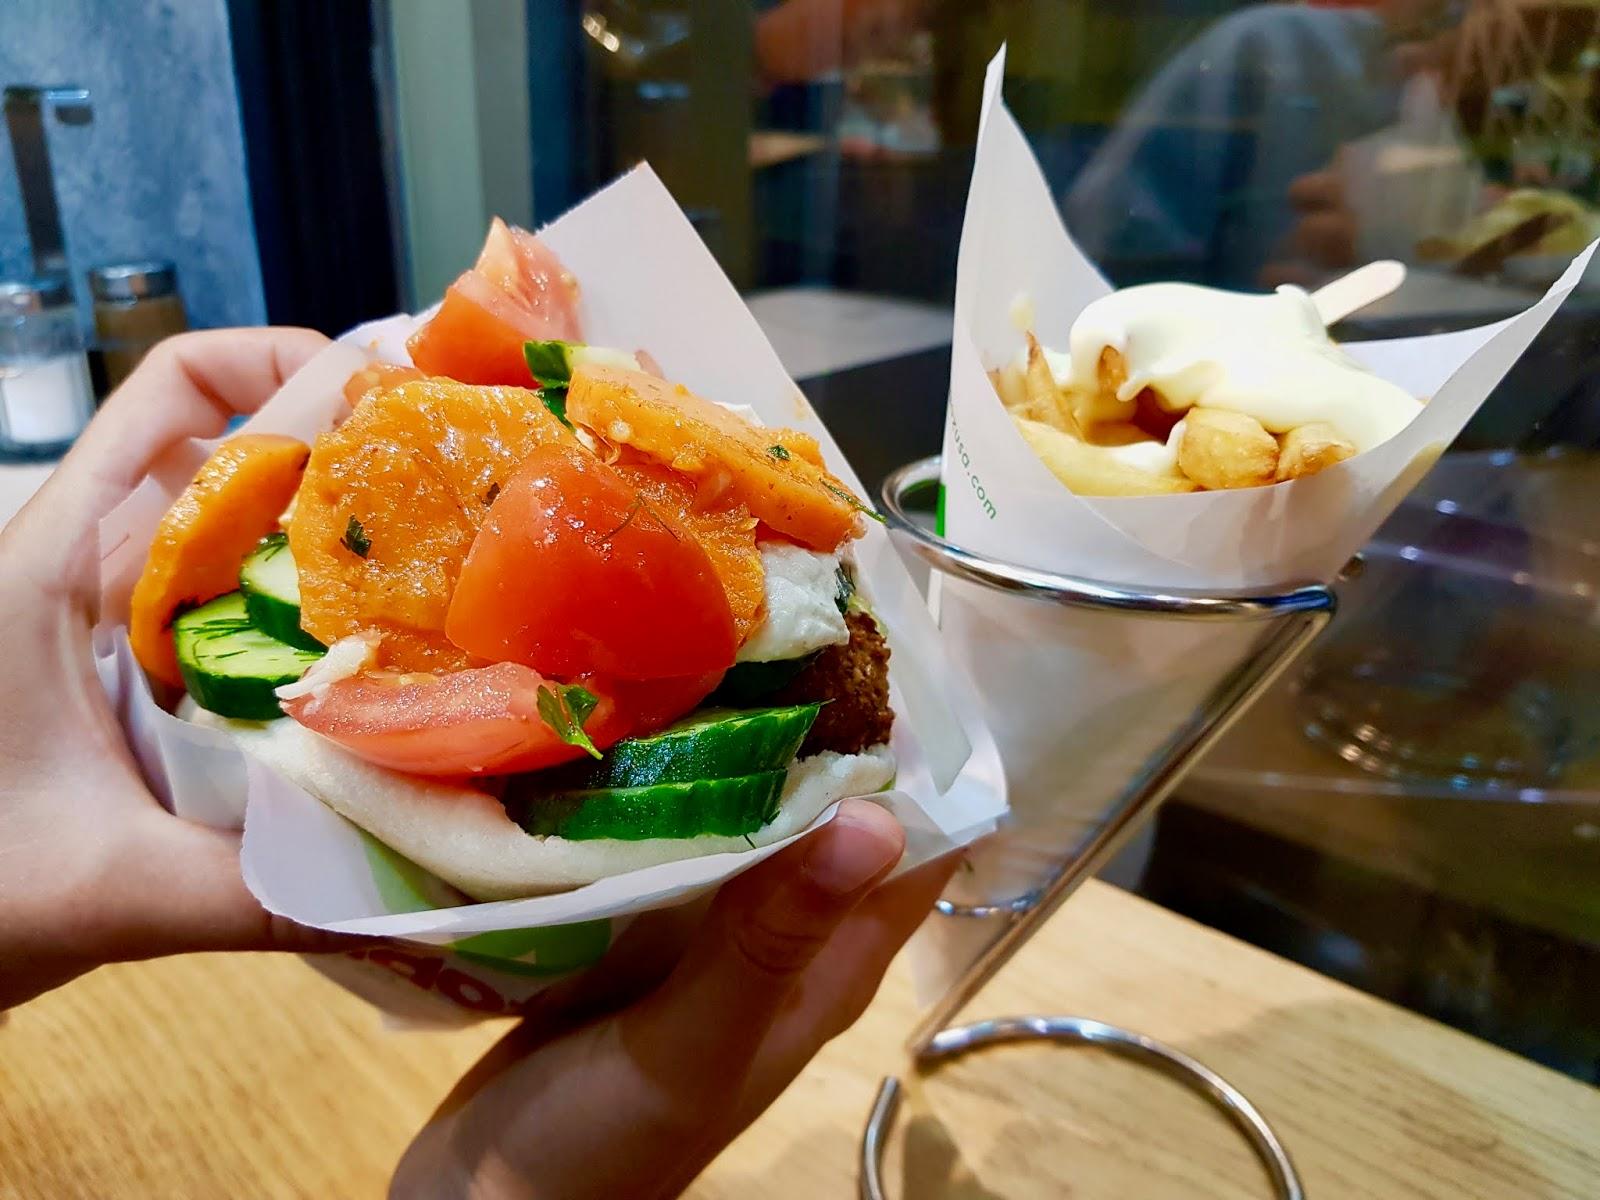 amsterdam vegetarian vegan food falafel sandwich